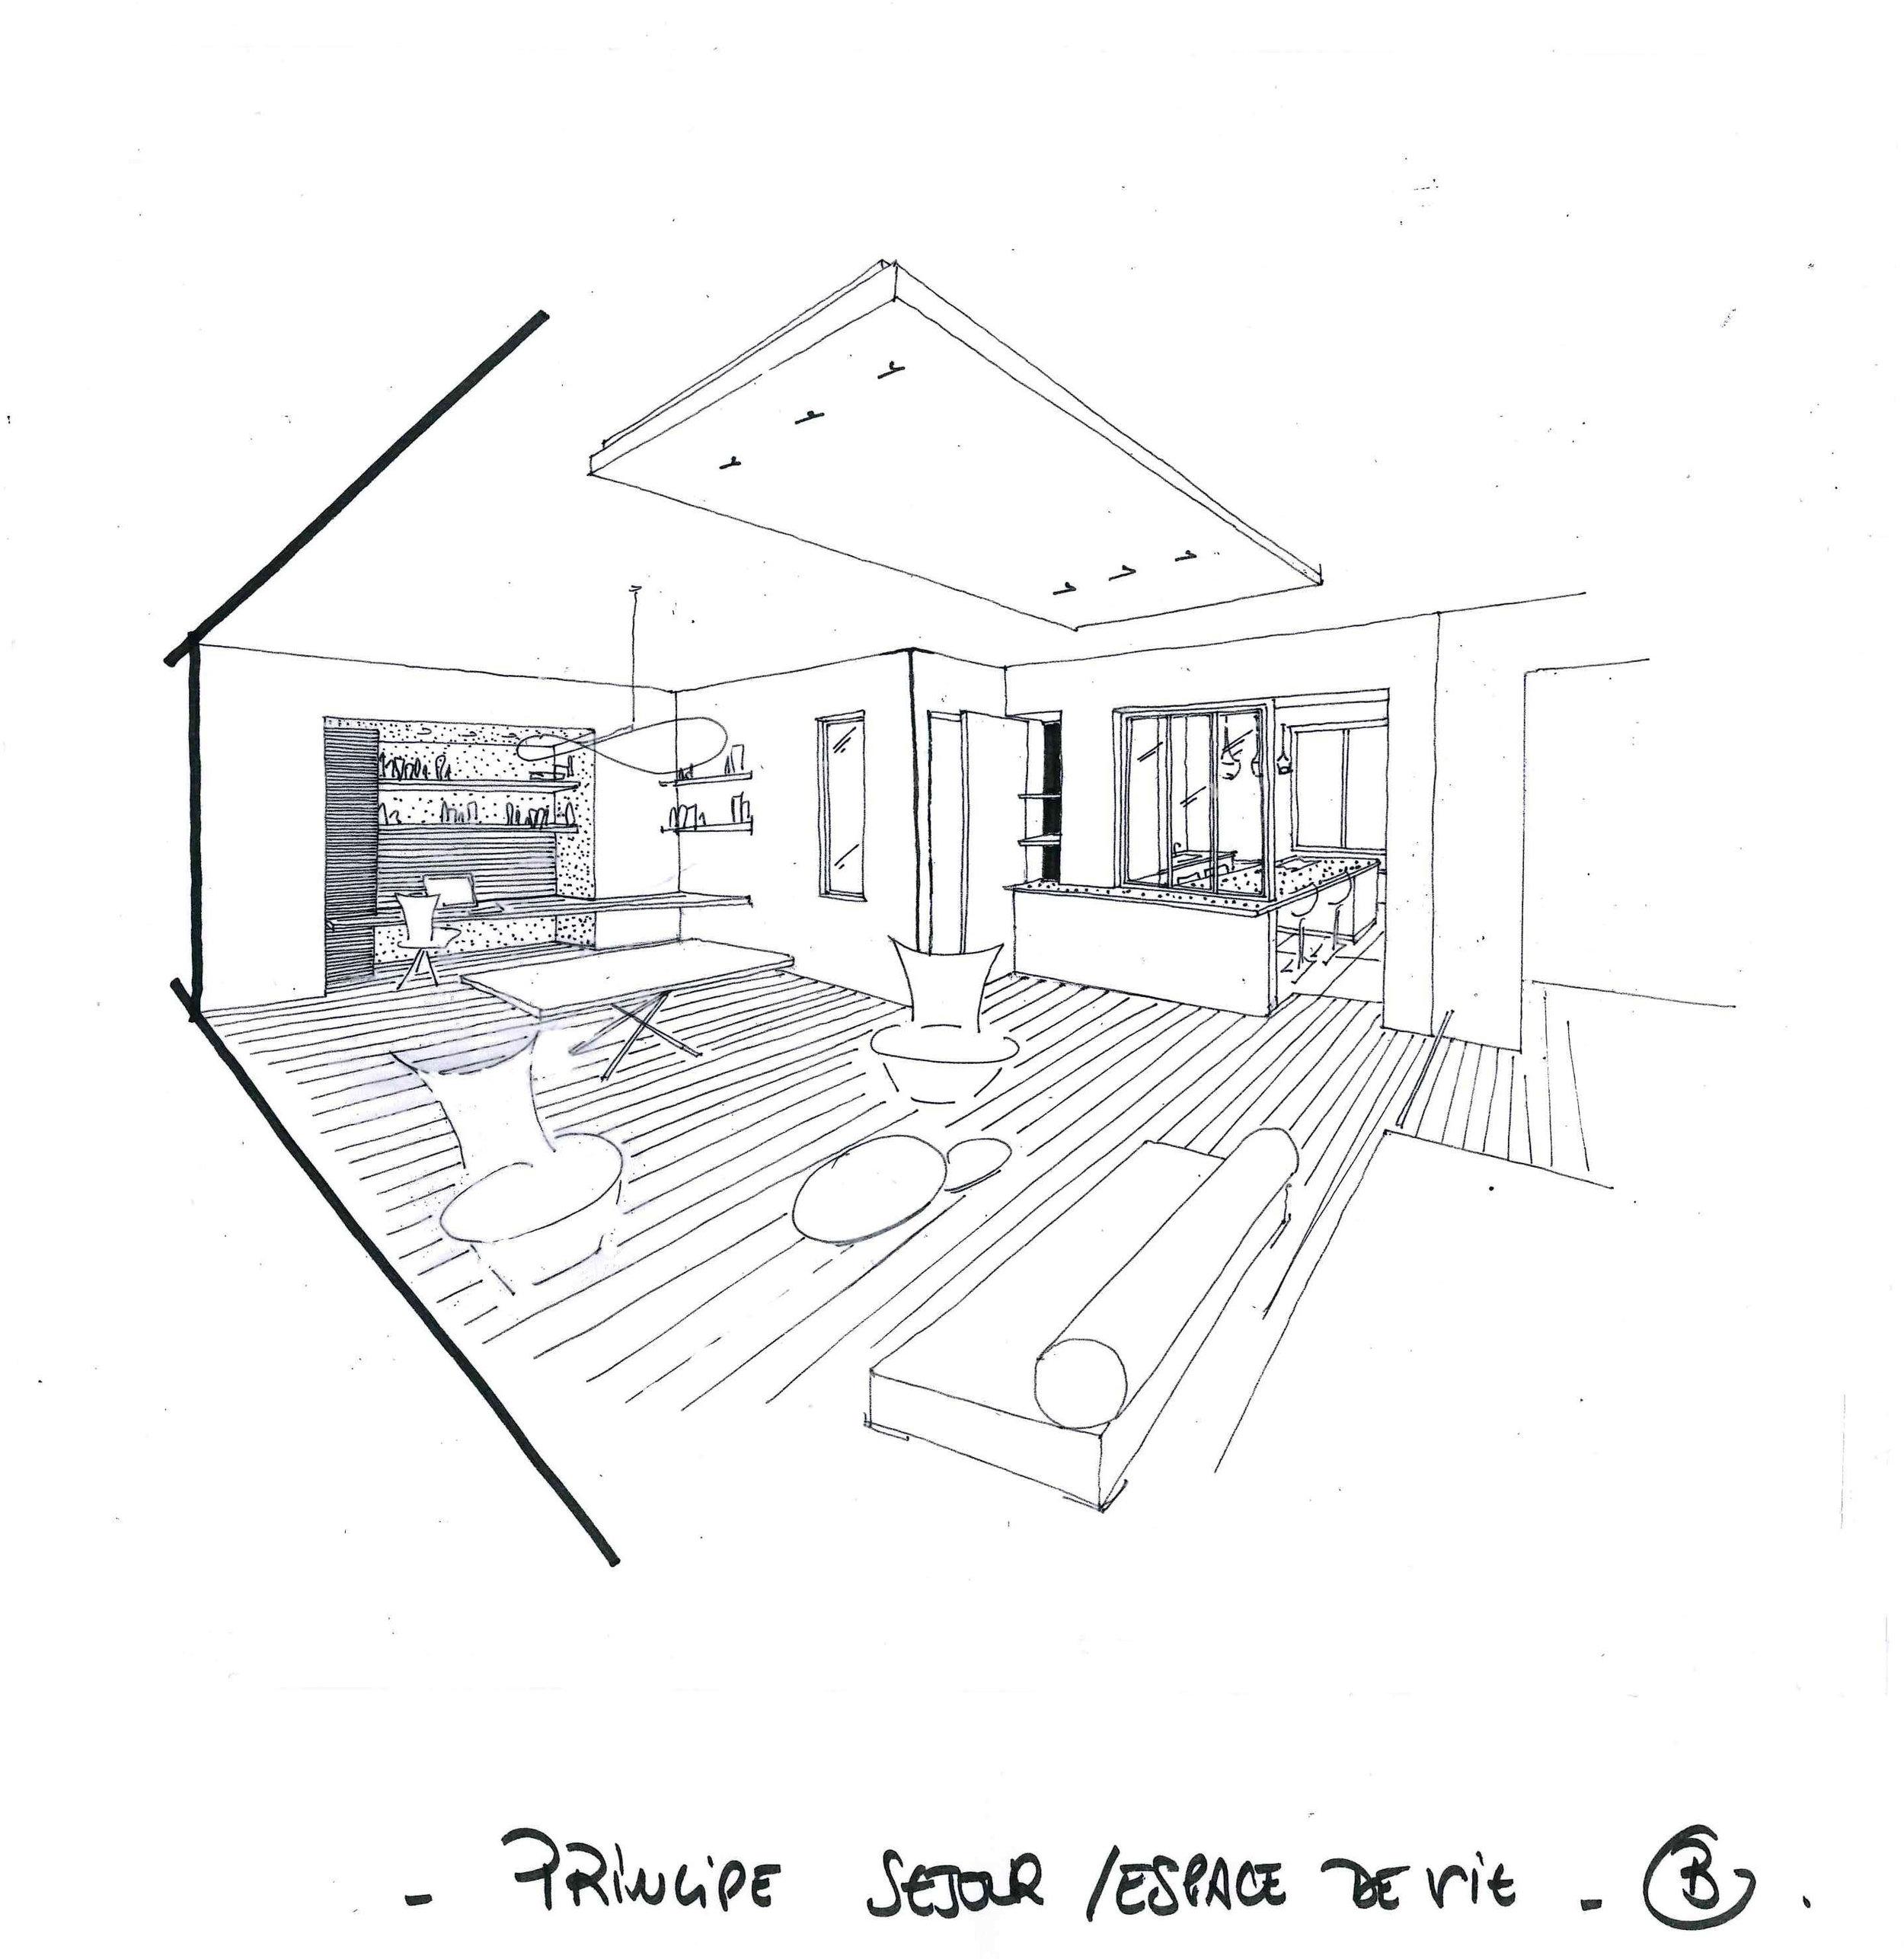 Croquis 3D réalisé à main levée - Rénovation appartement LILLE - Virginie THUROTTE